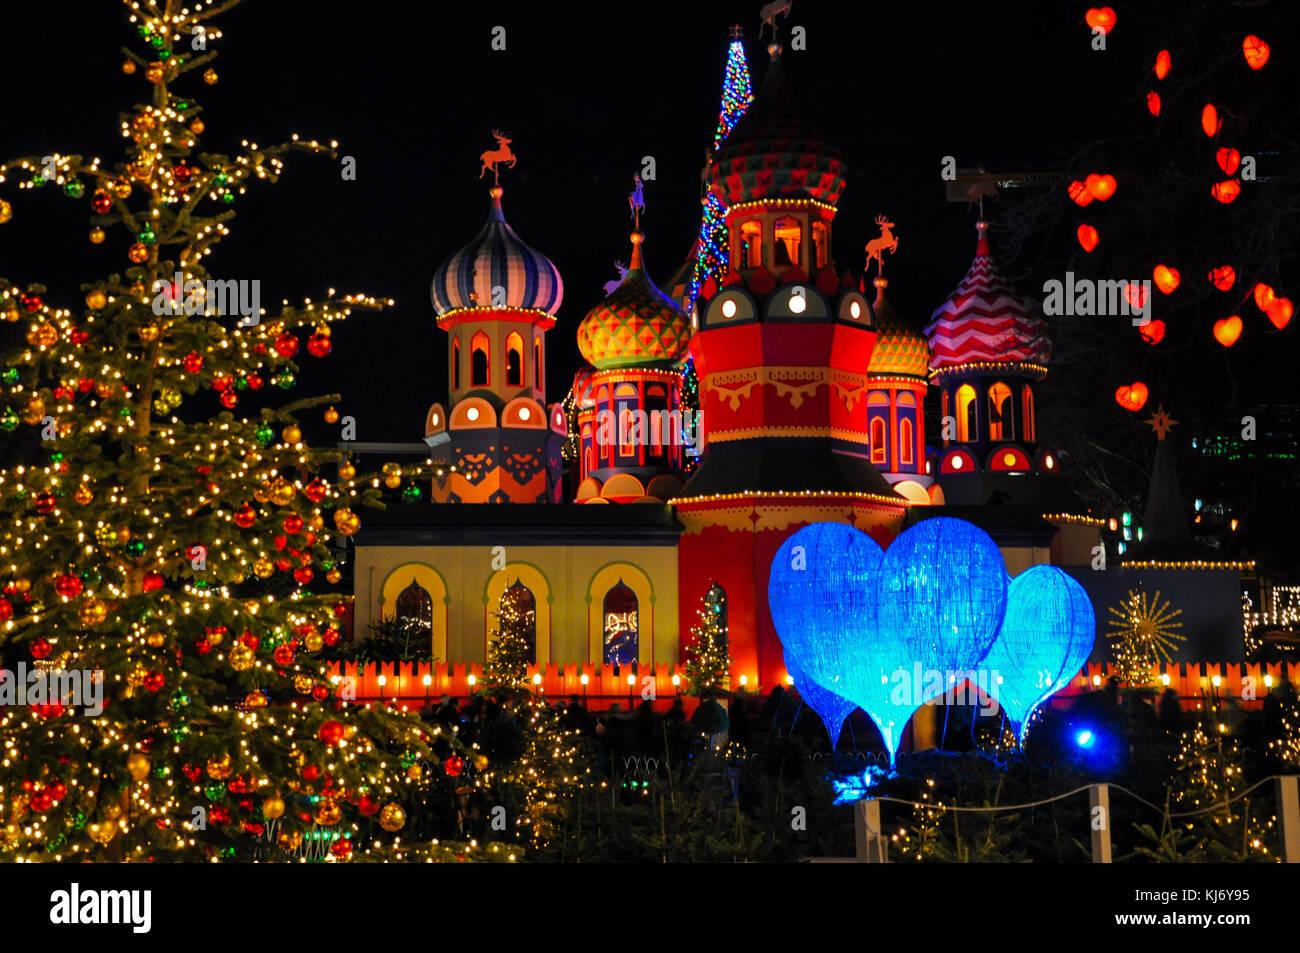 Albero Di Natale Con Decorazioni Blu : Le decorazioni di natale a copenhagen in danimarca con cuori blu